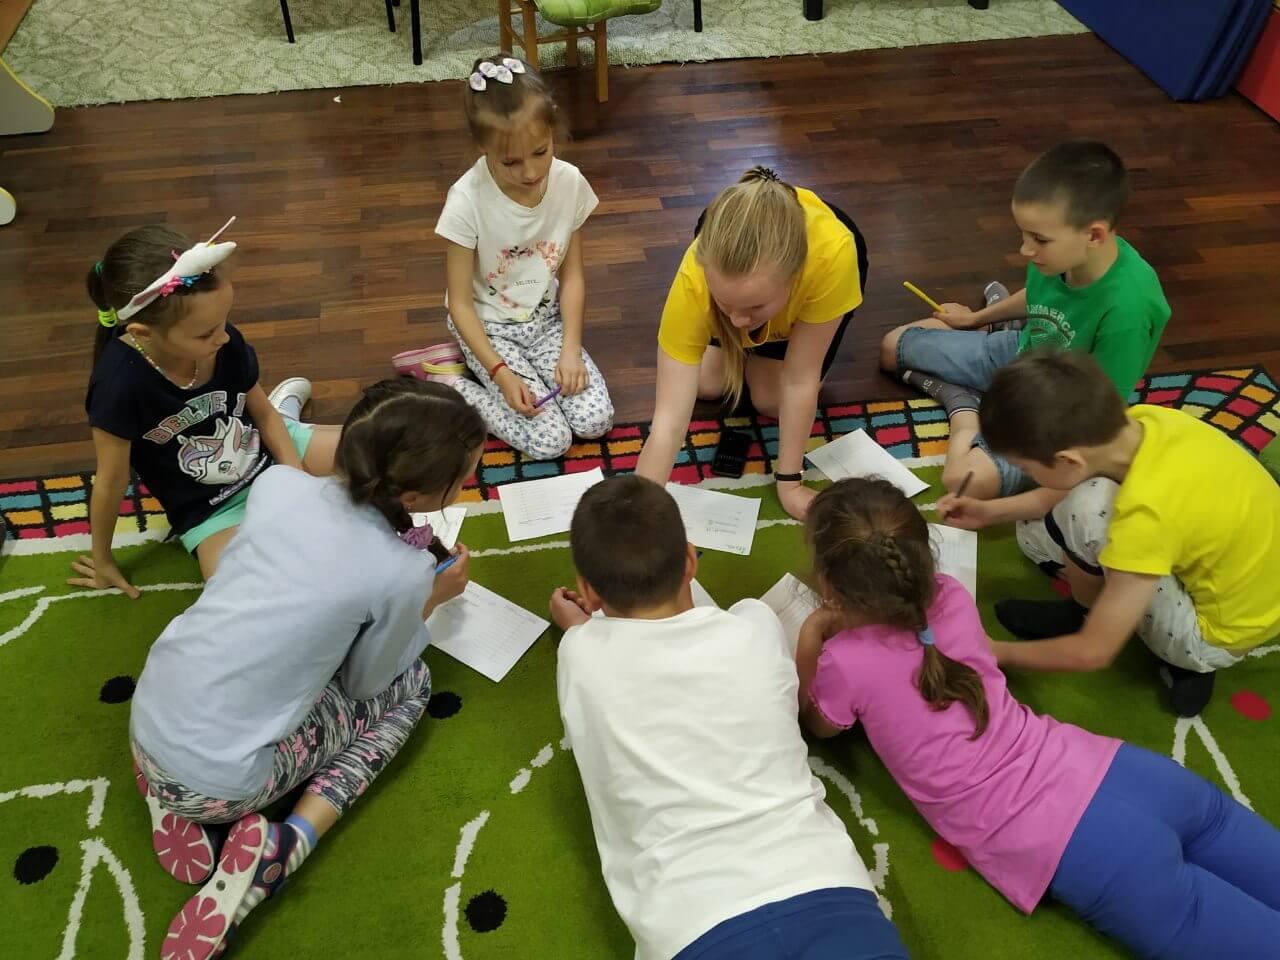 Фото дети играют в познавательную иру в лагере БИГ БЕН